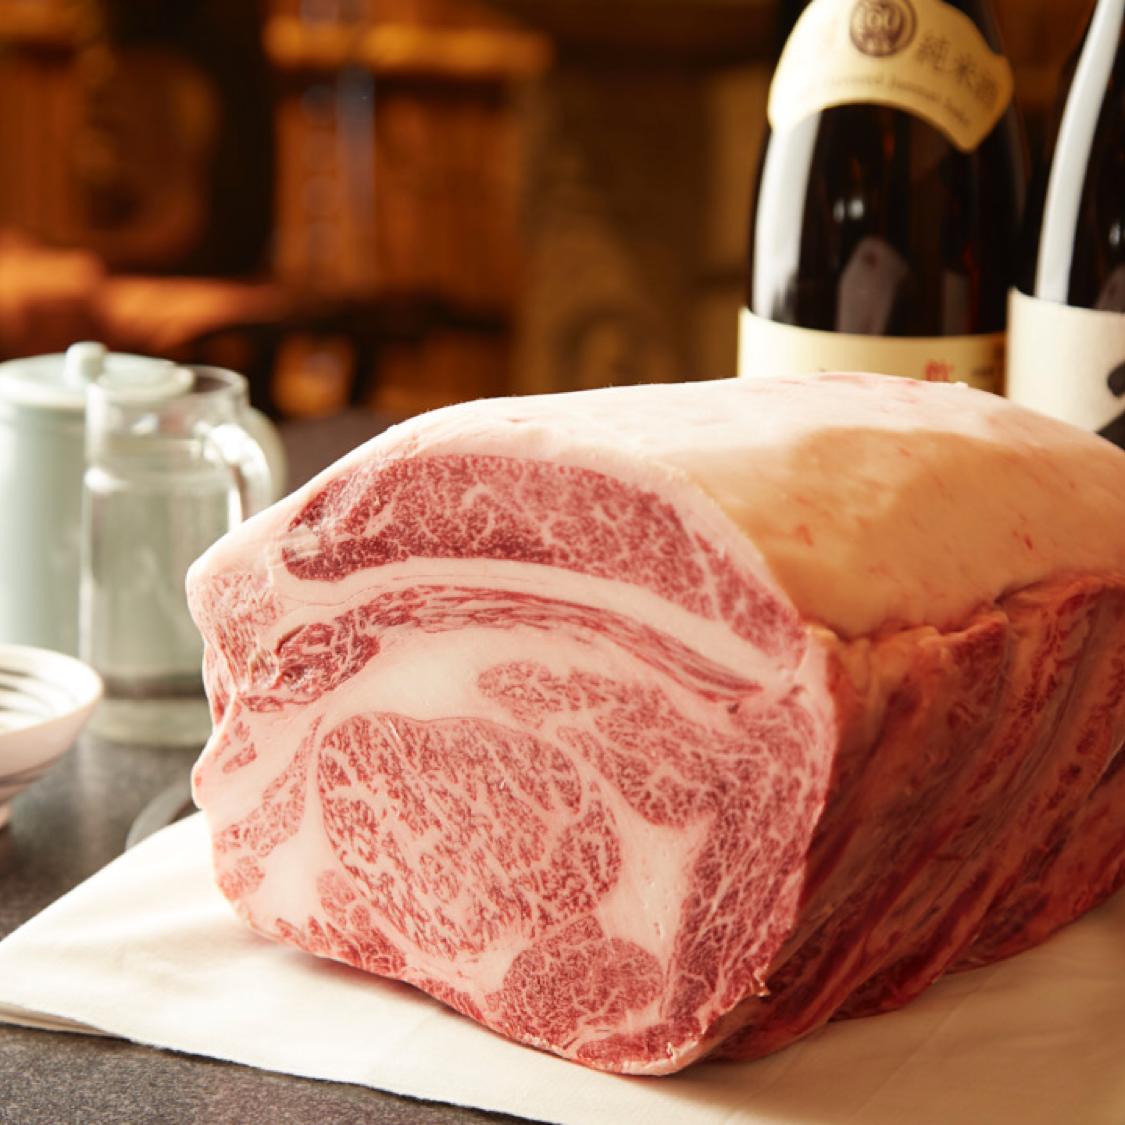 ■【90分食べ放題】極上和牛すき焼きコース <全5品>8,400円(税込)